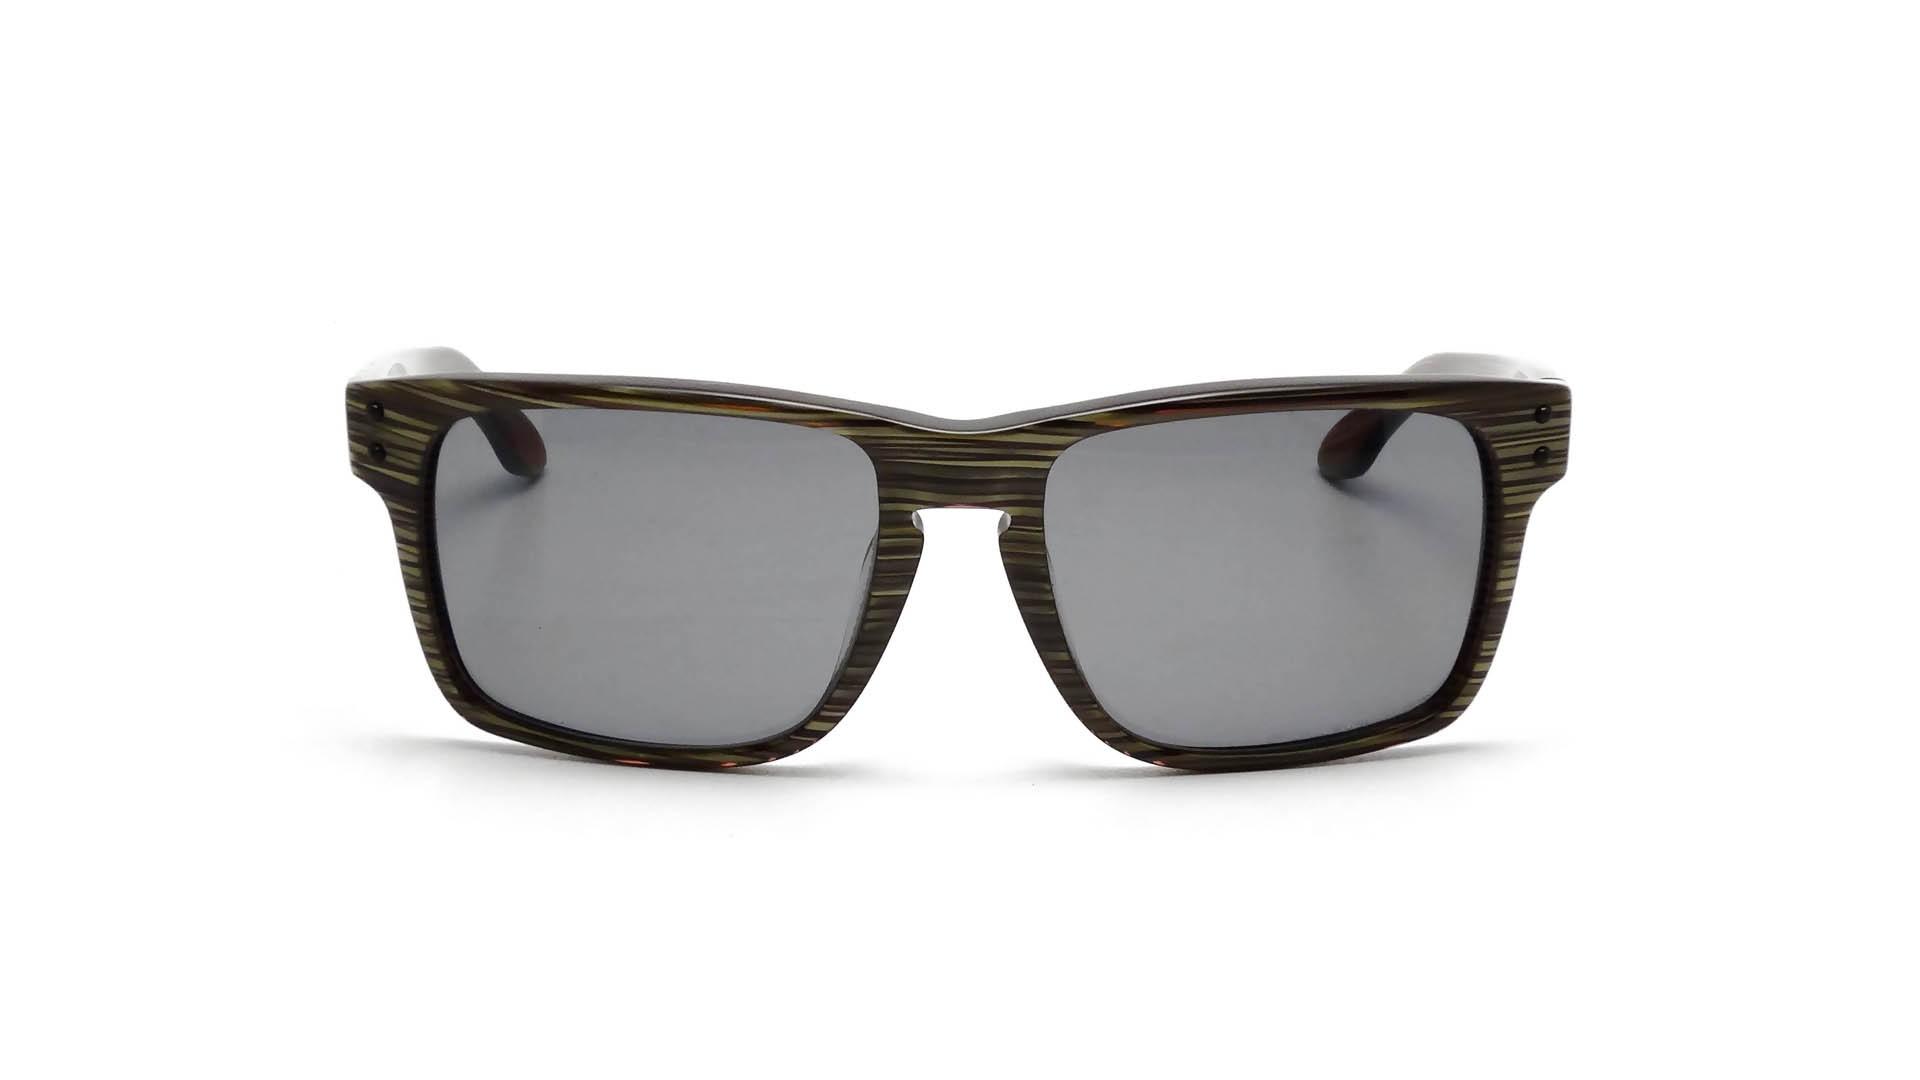 Eyeglasses Frames Size Guide : Oakley Eyewear Size Chart Puyallup, Washington